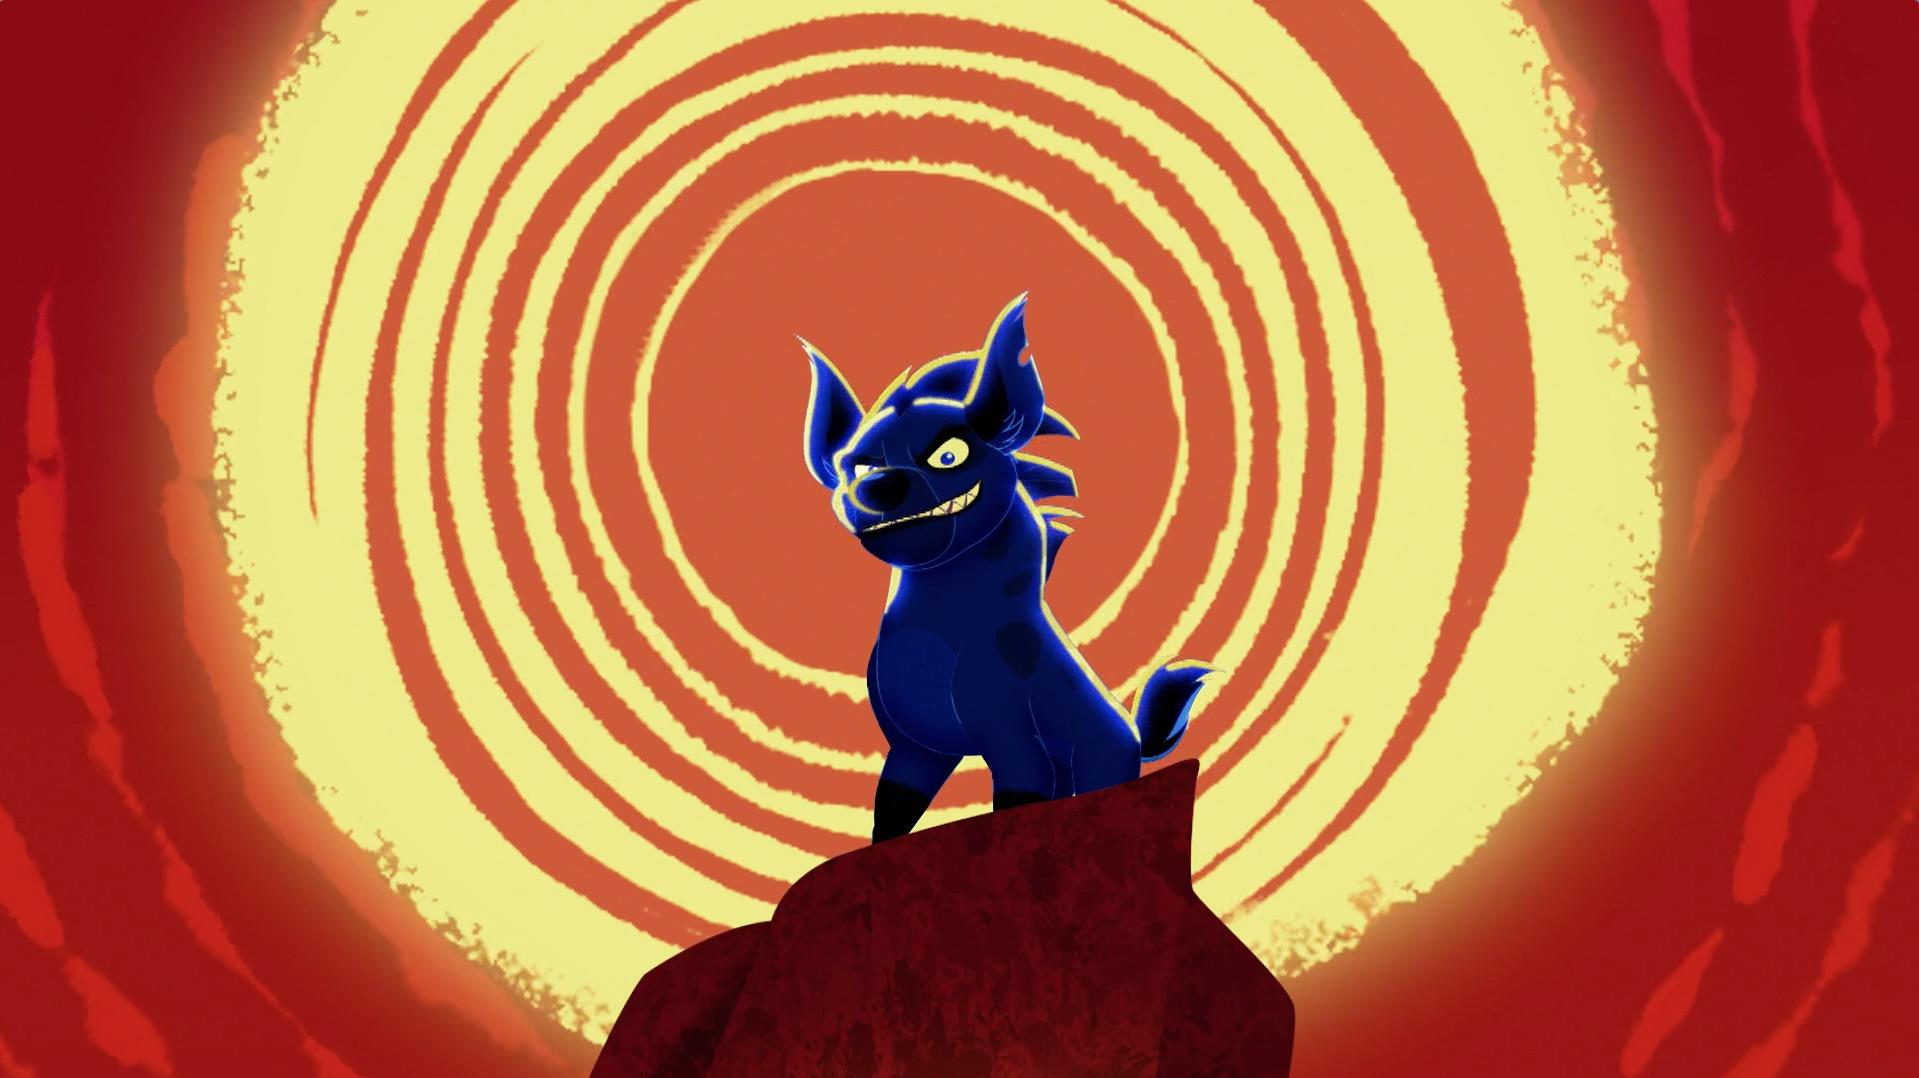 Hay que atacar - Las hienas - La Guardia del León